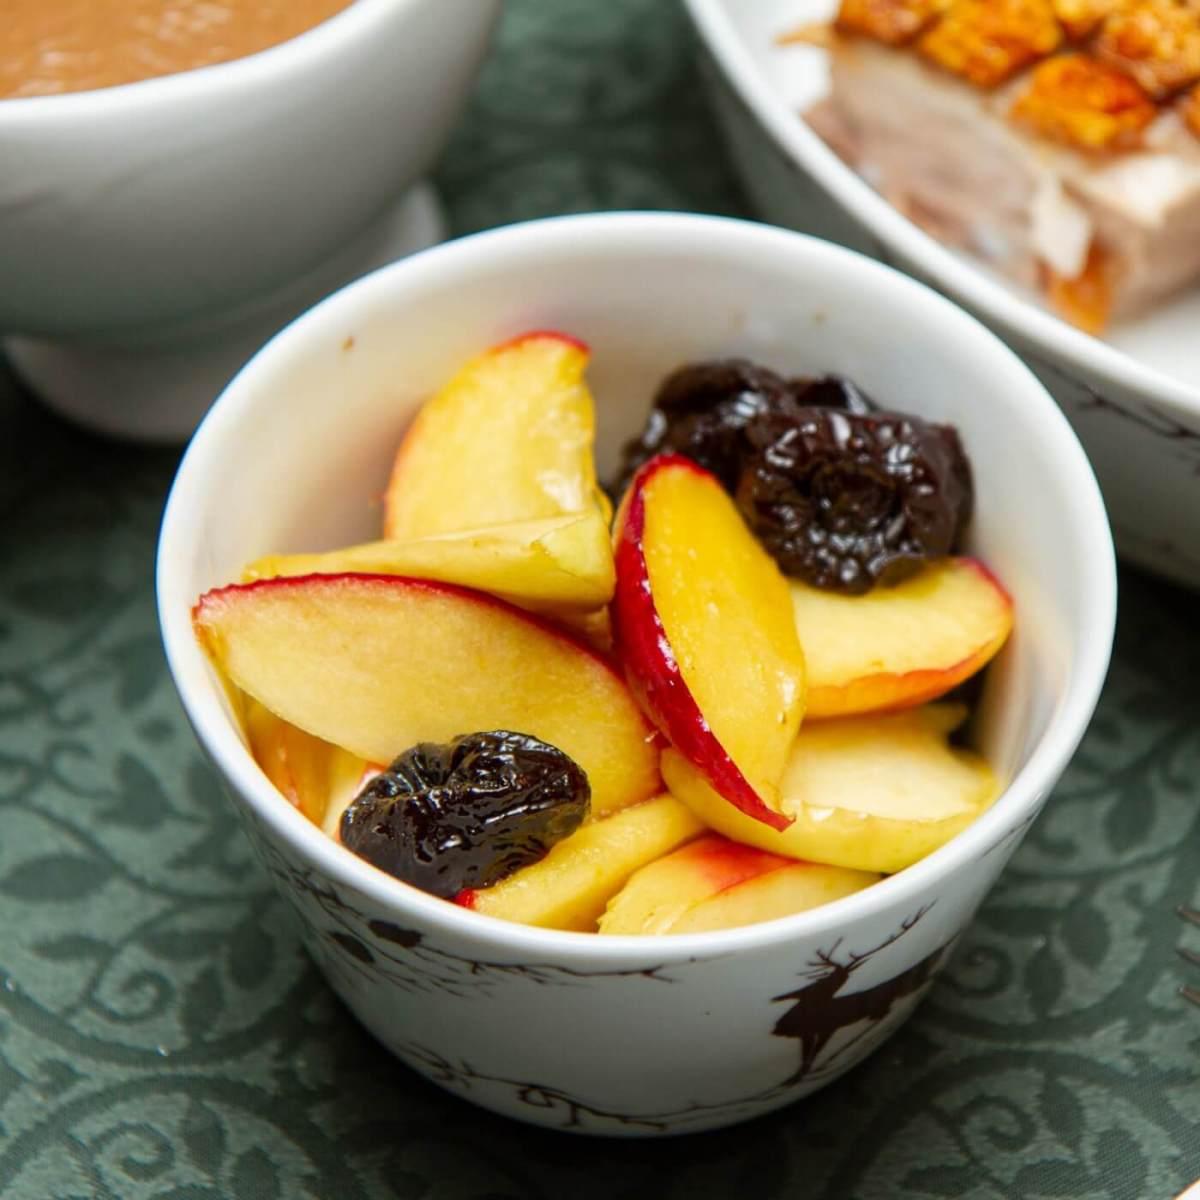 Honningstekte epler og svisker